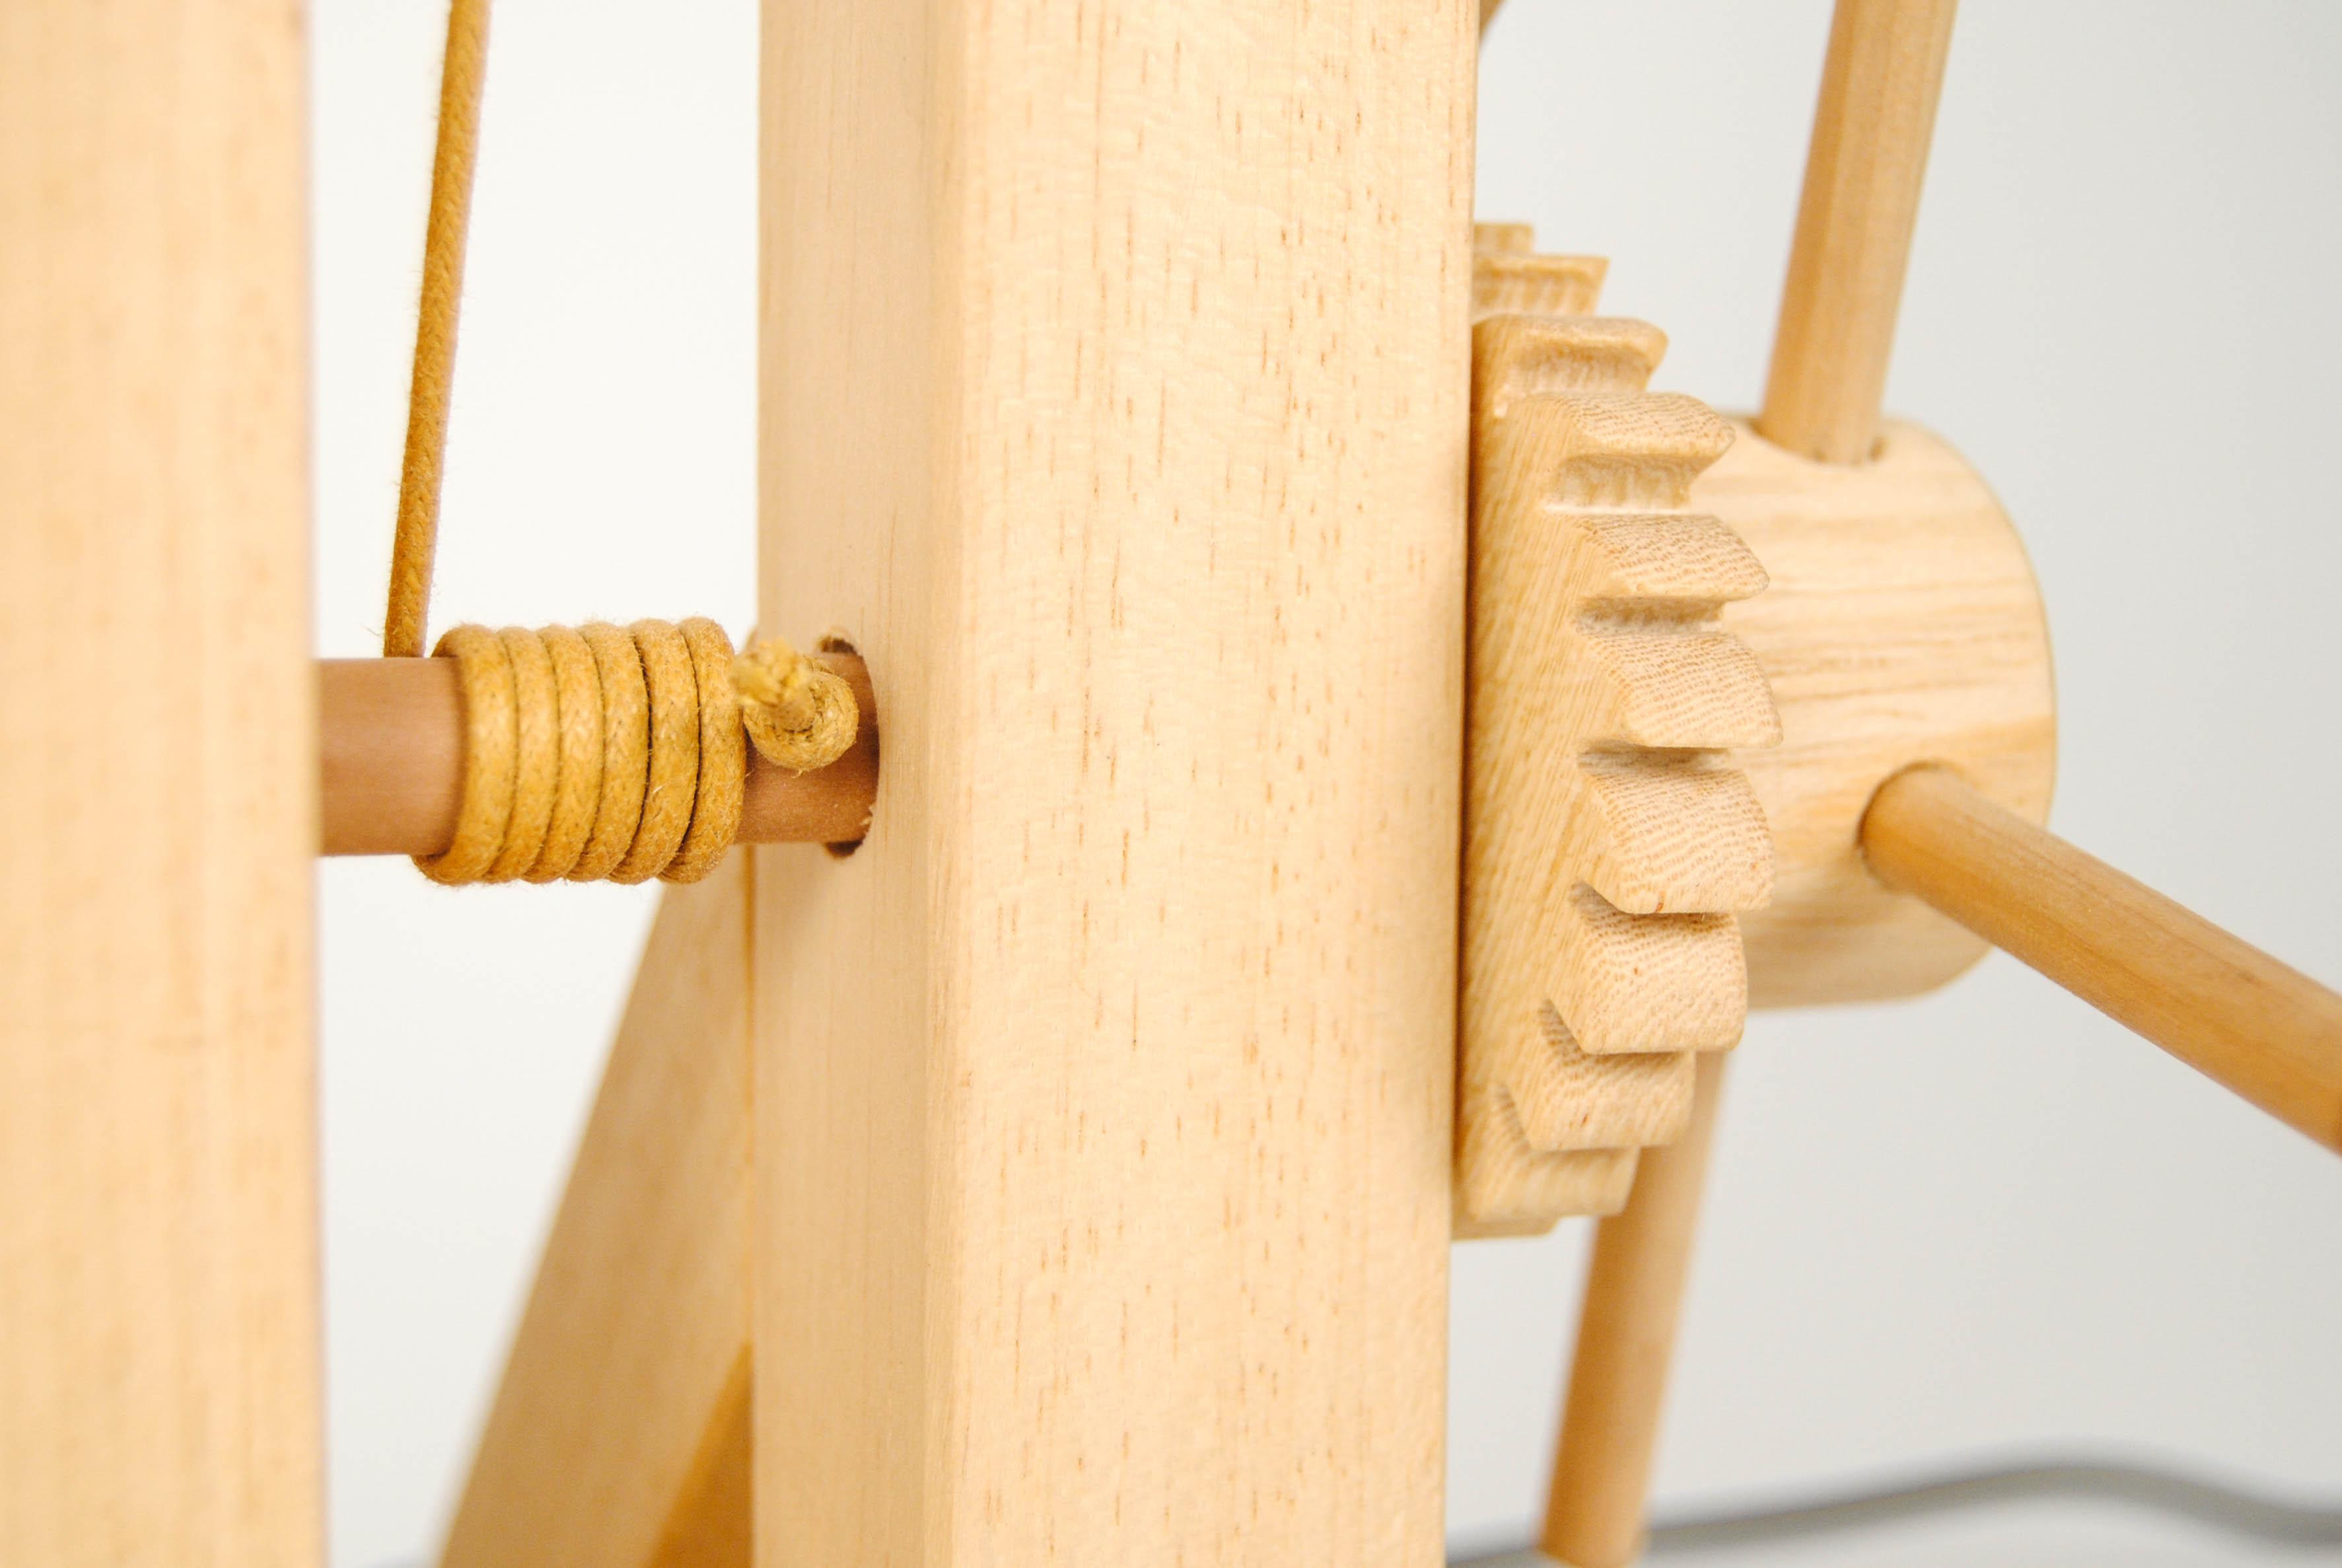 gear mechanism with wire of leonardo da vinci wooden flexible lamp